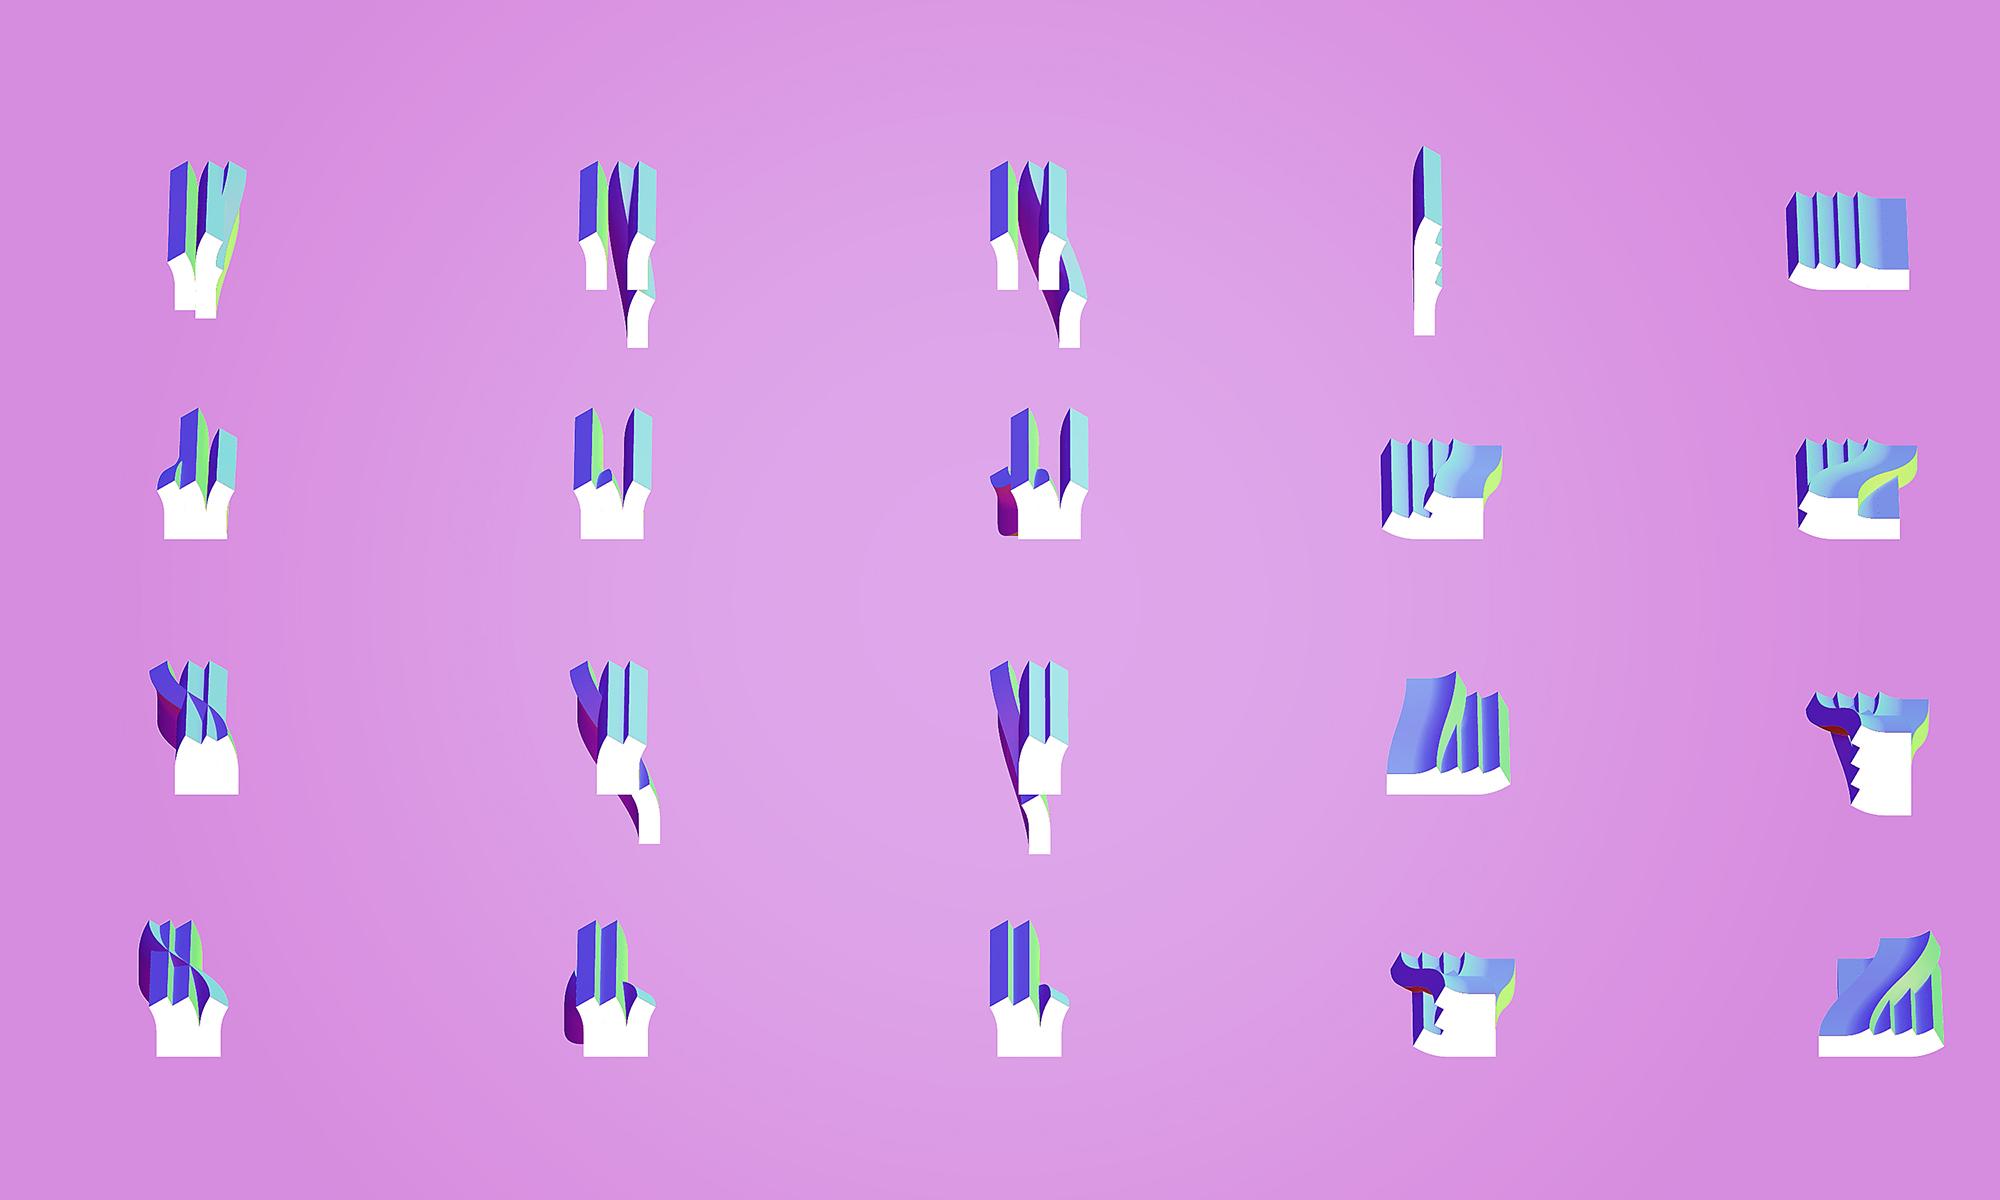 C_Diagram_Concept_4.jpg